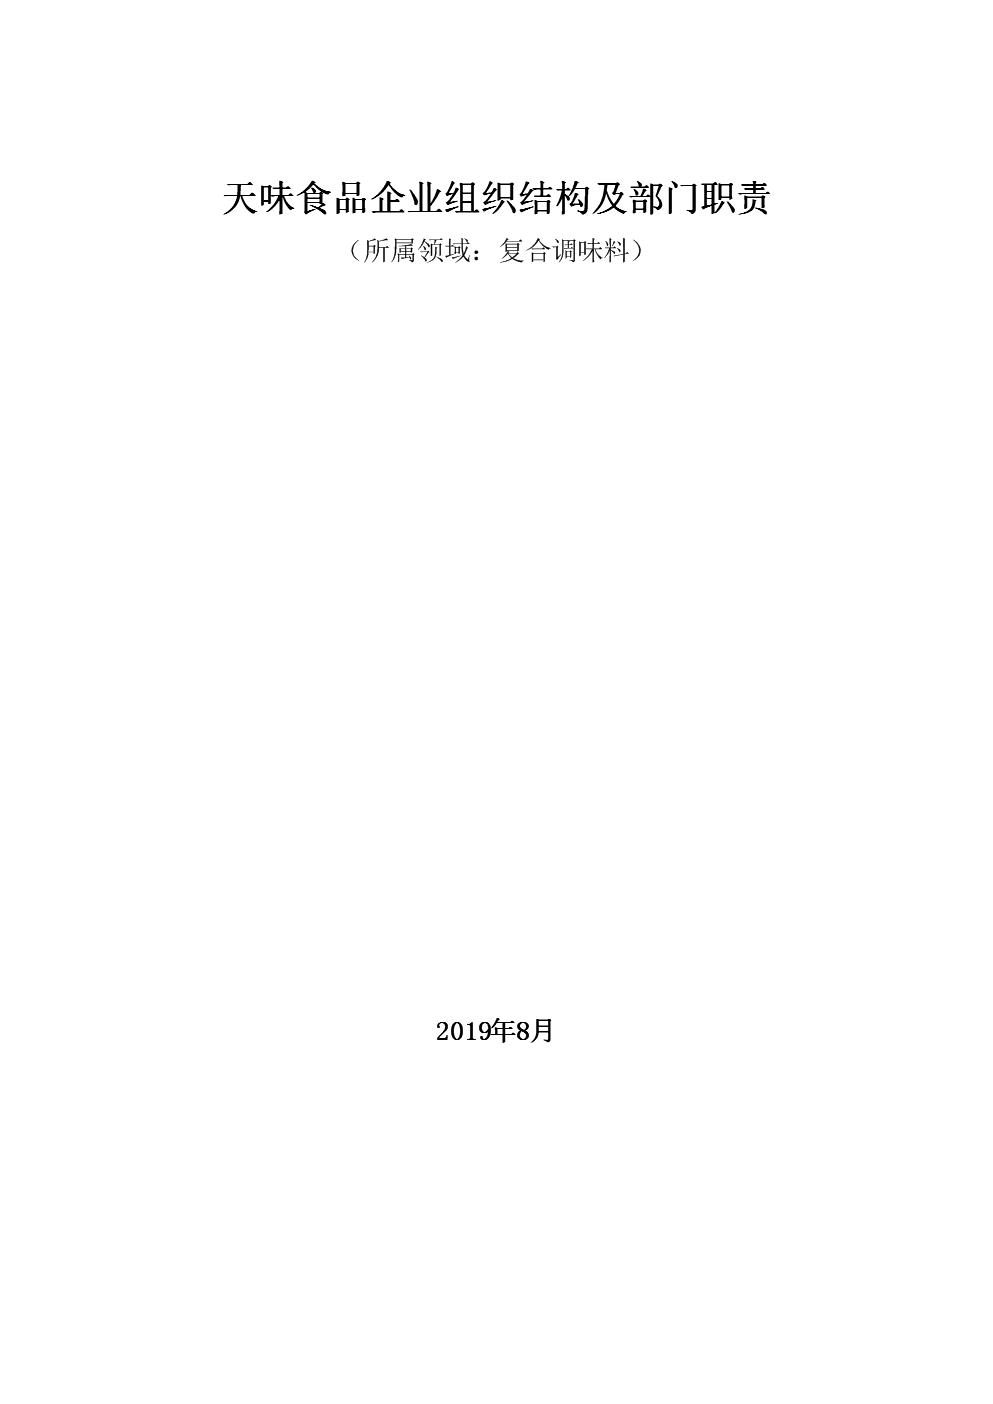 复合调味料领域:天味食品企业组织结构及部门职责.doc